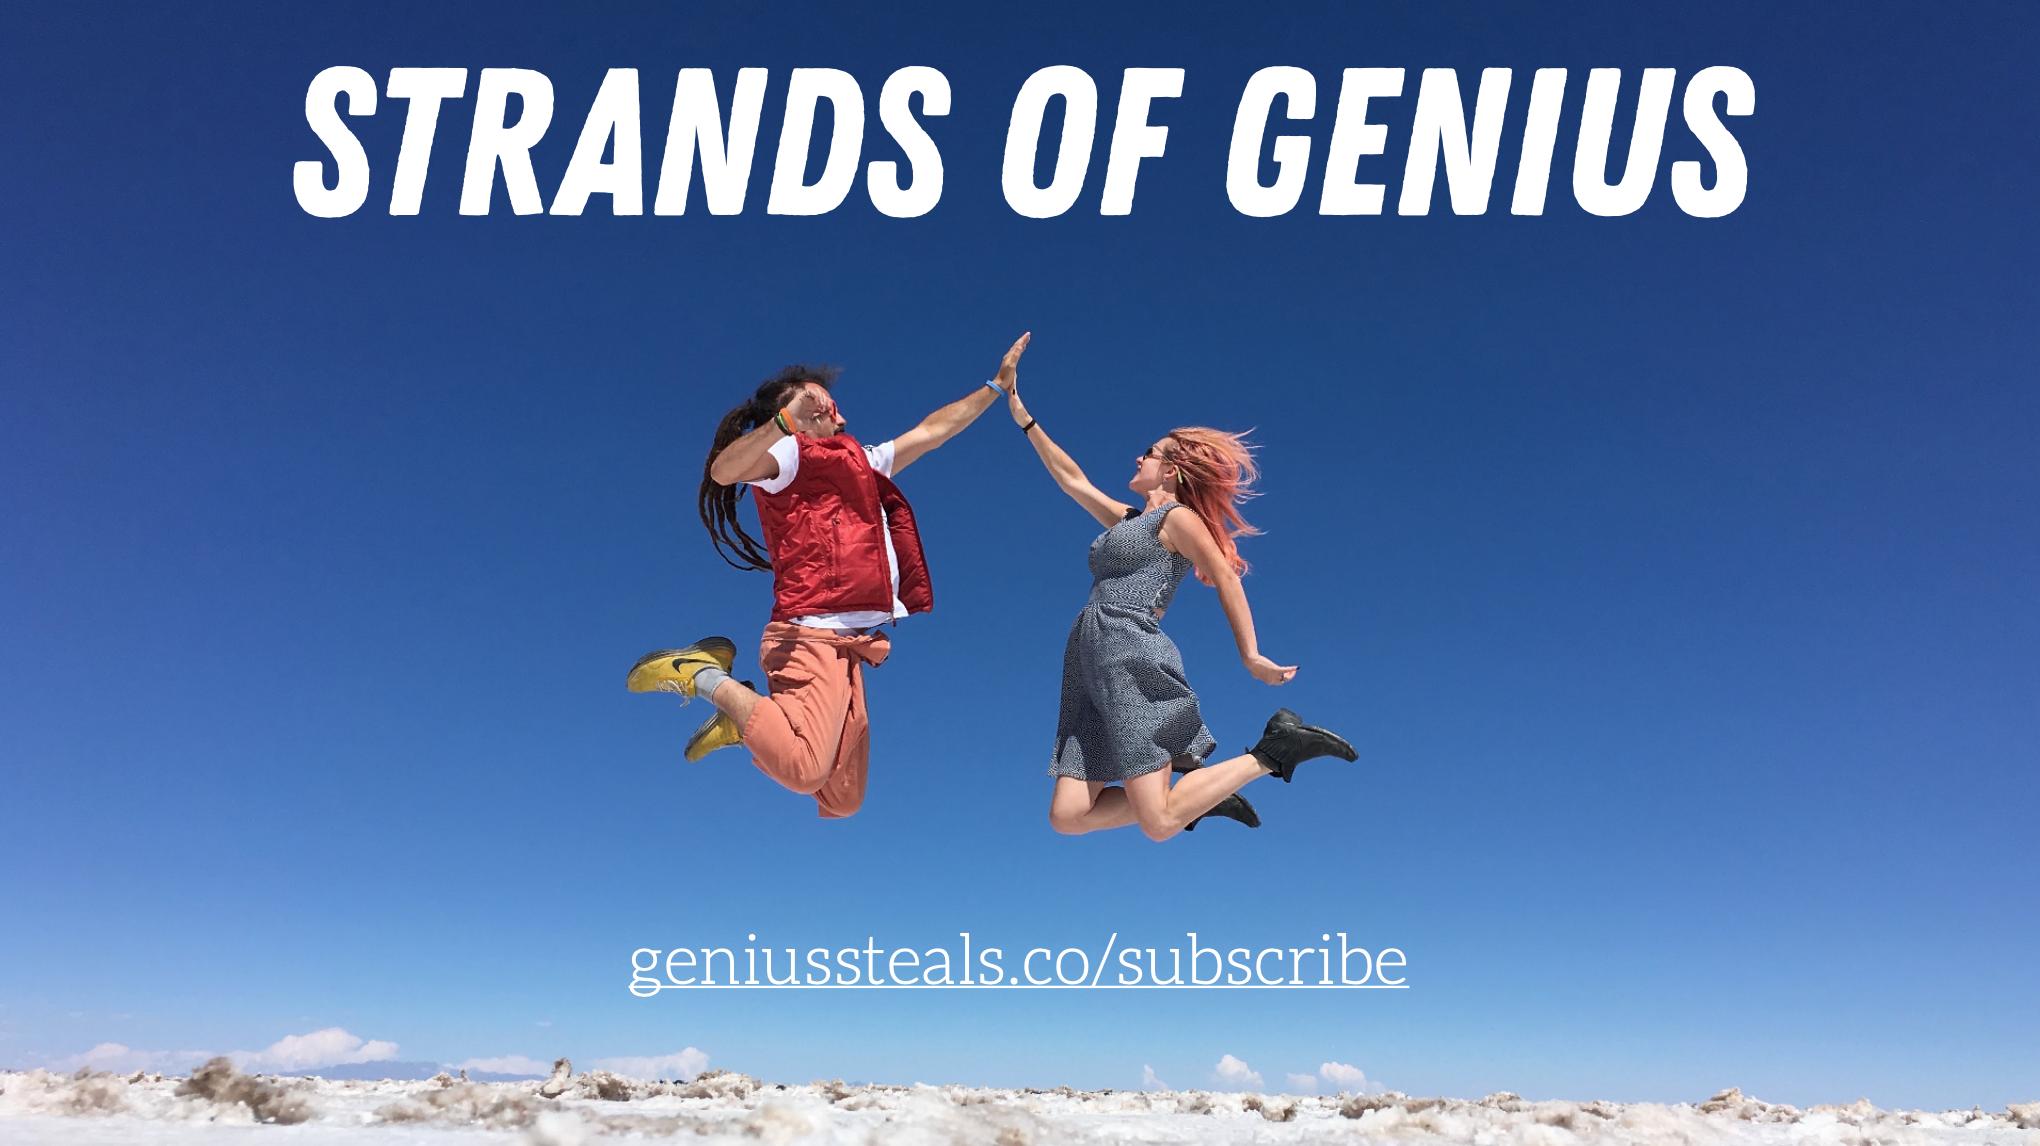 Strands of Genius